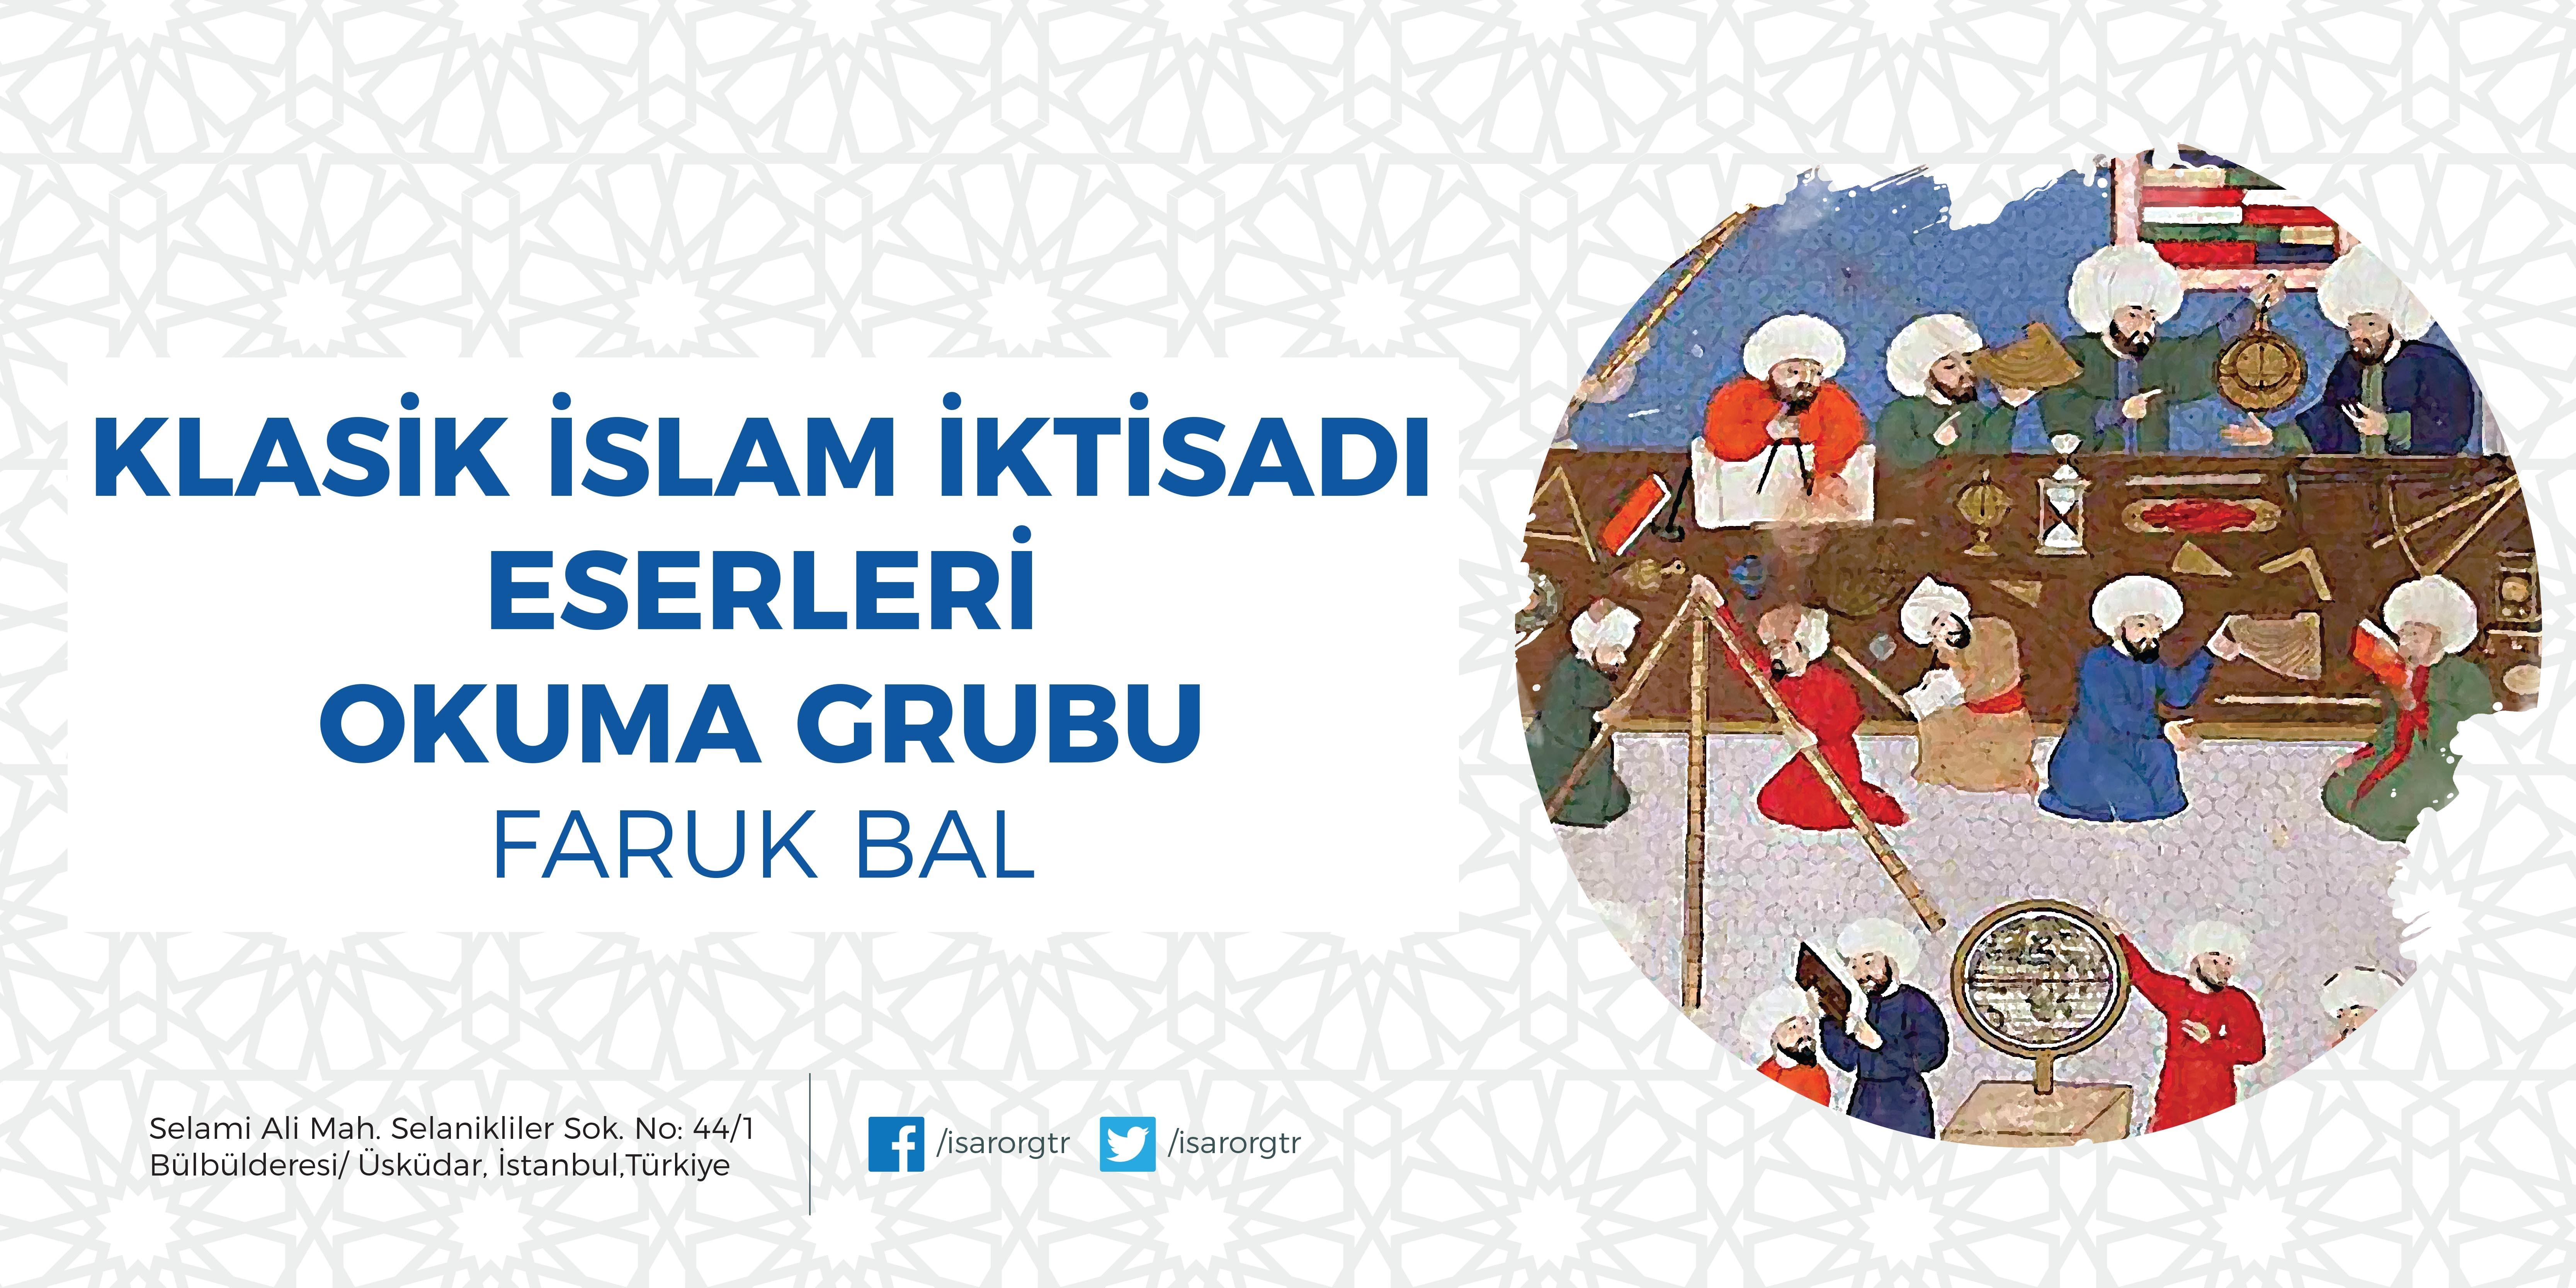 Klasik İslam İktisadı Eserleri Okuma Grubu